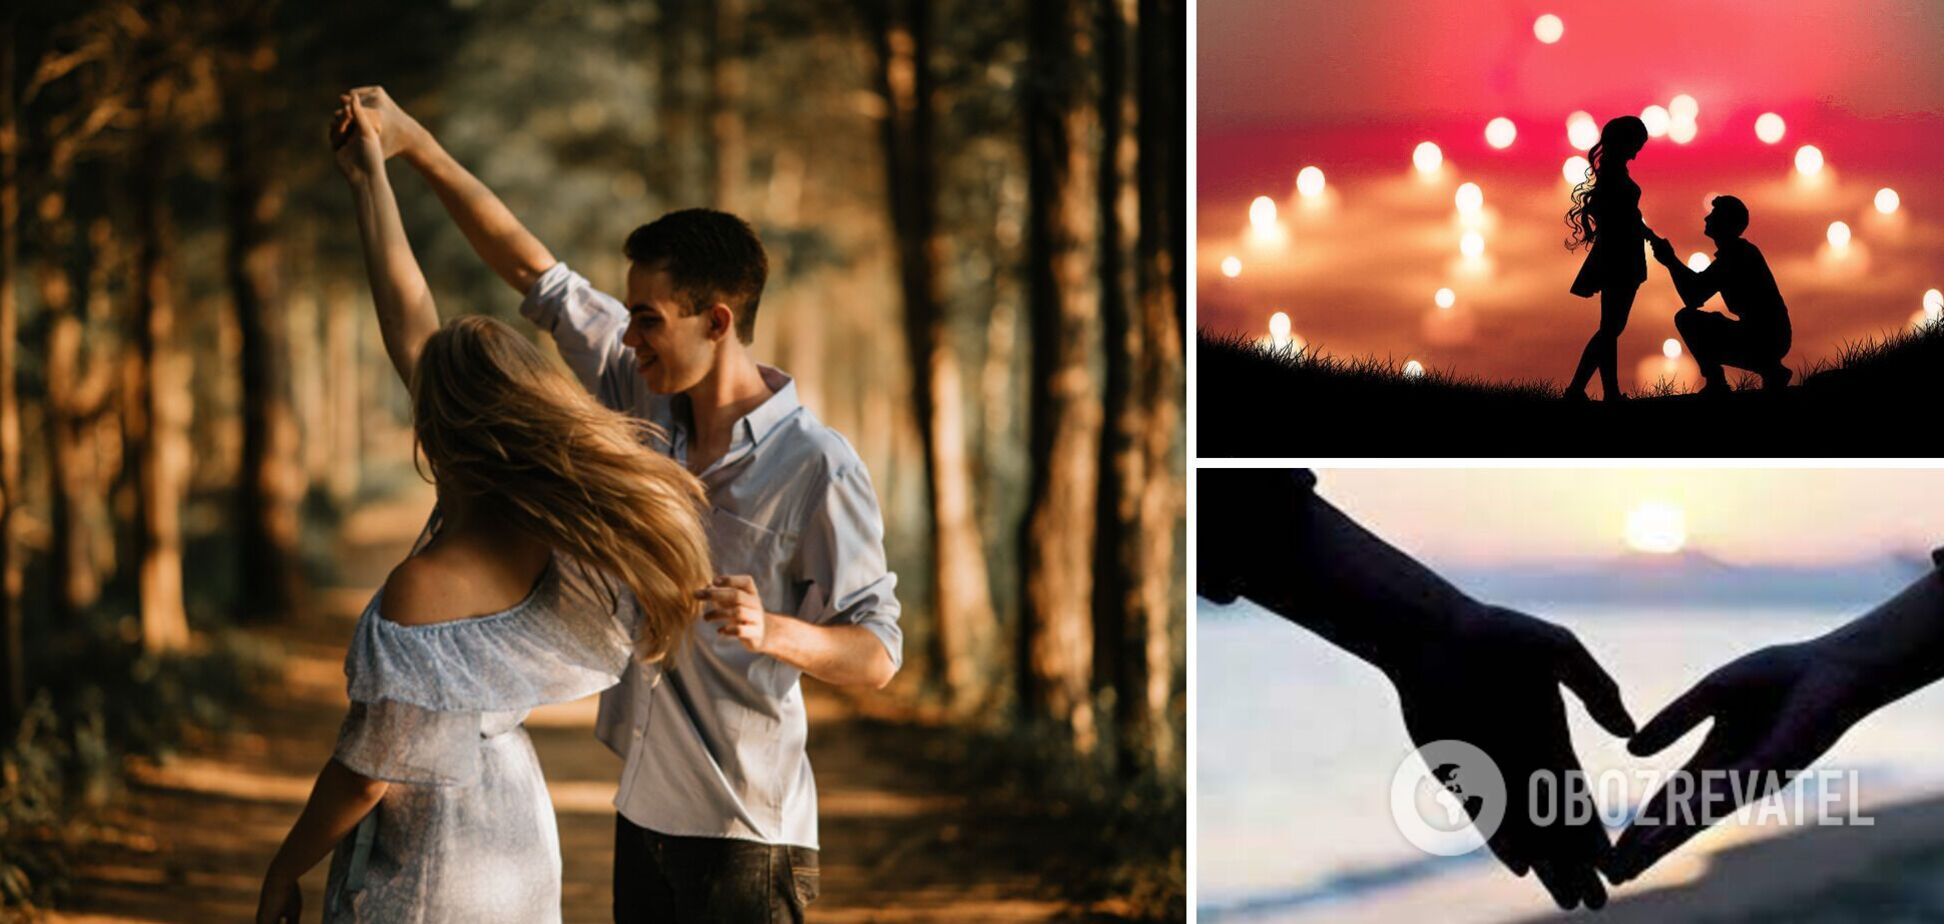 Названо ідеальні пари за знаком зодіаку: на них чекає щастя і любов